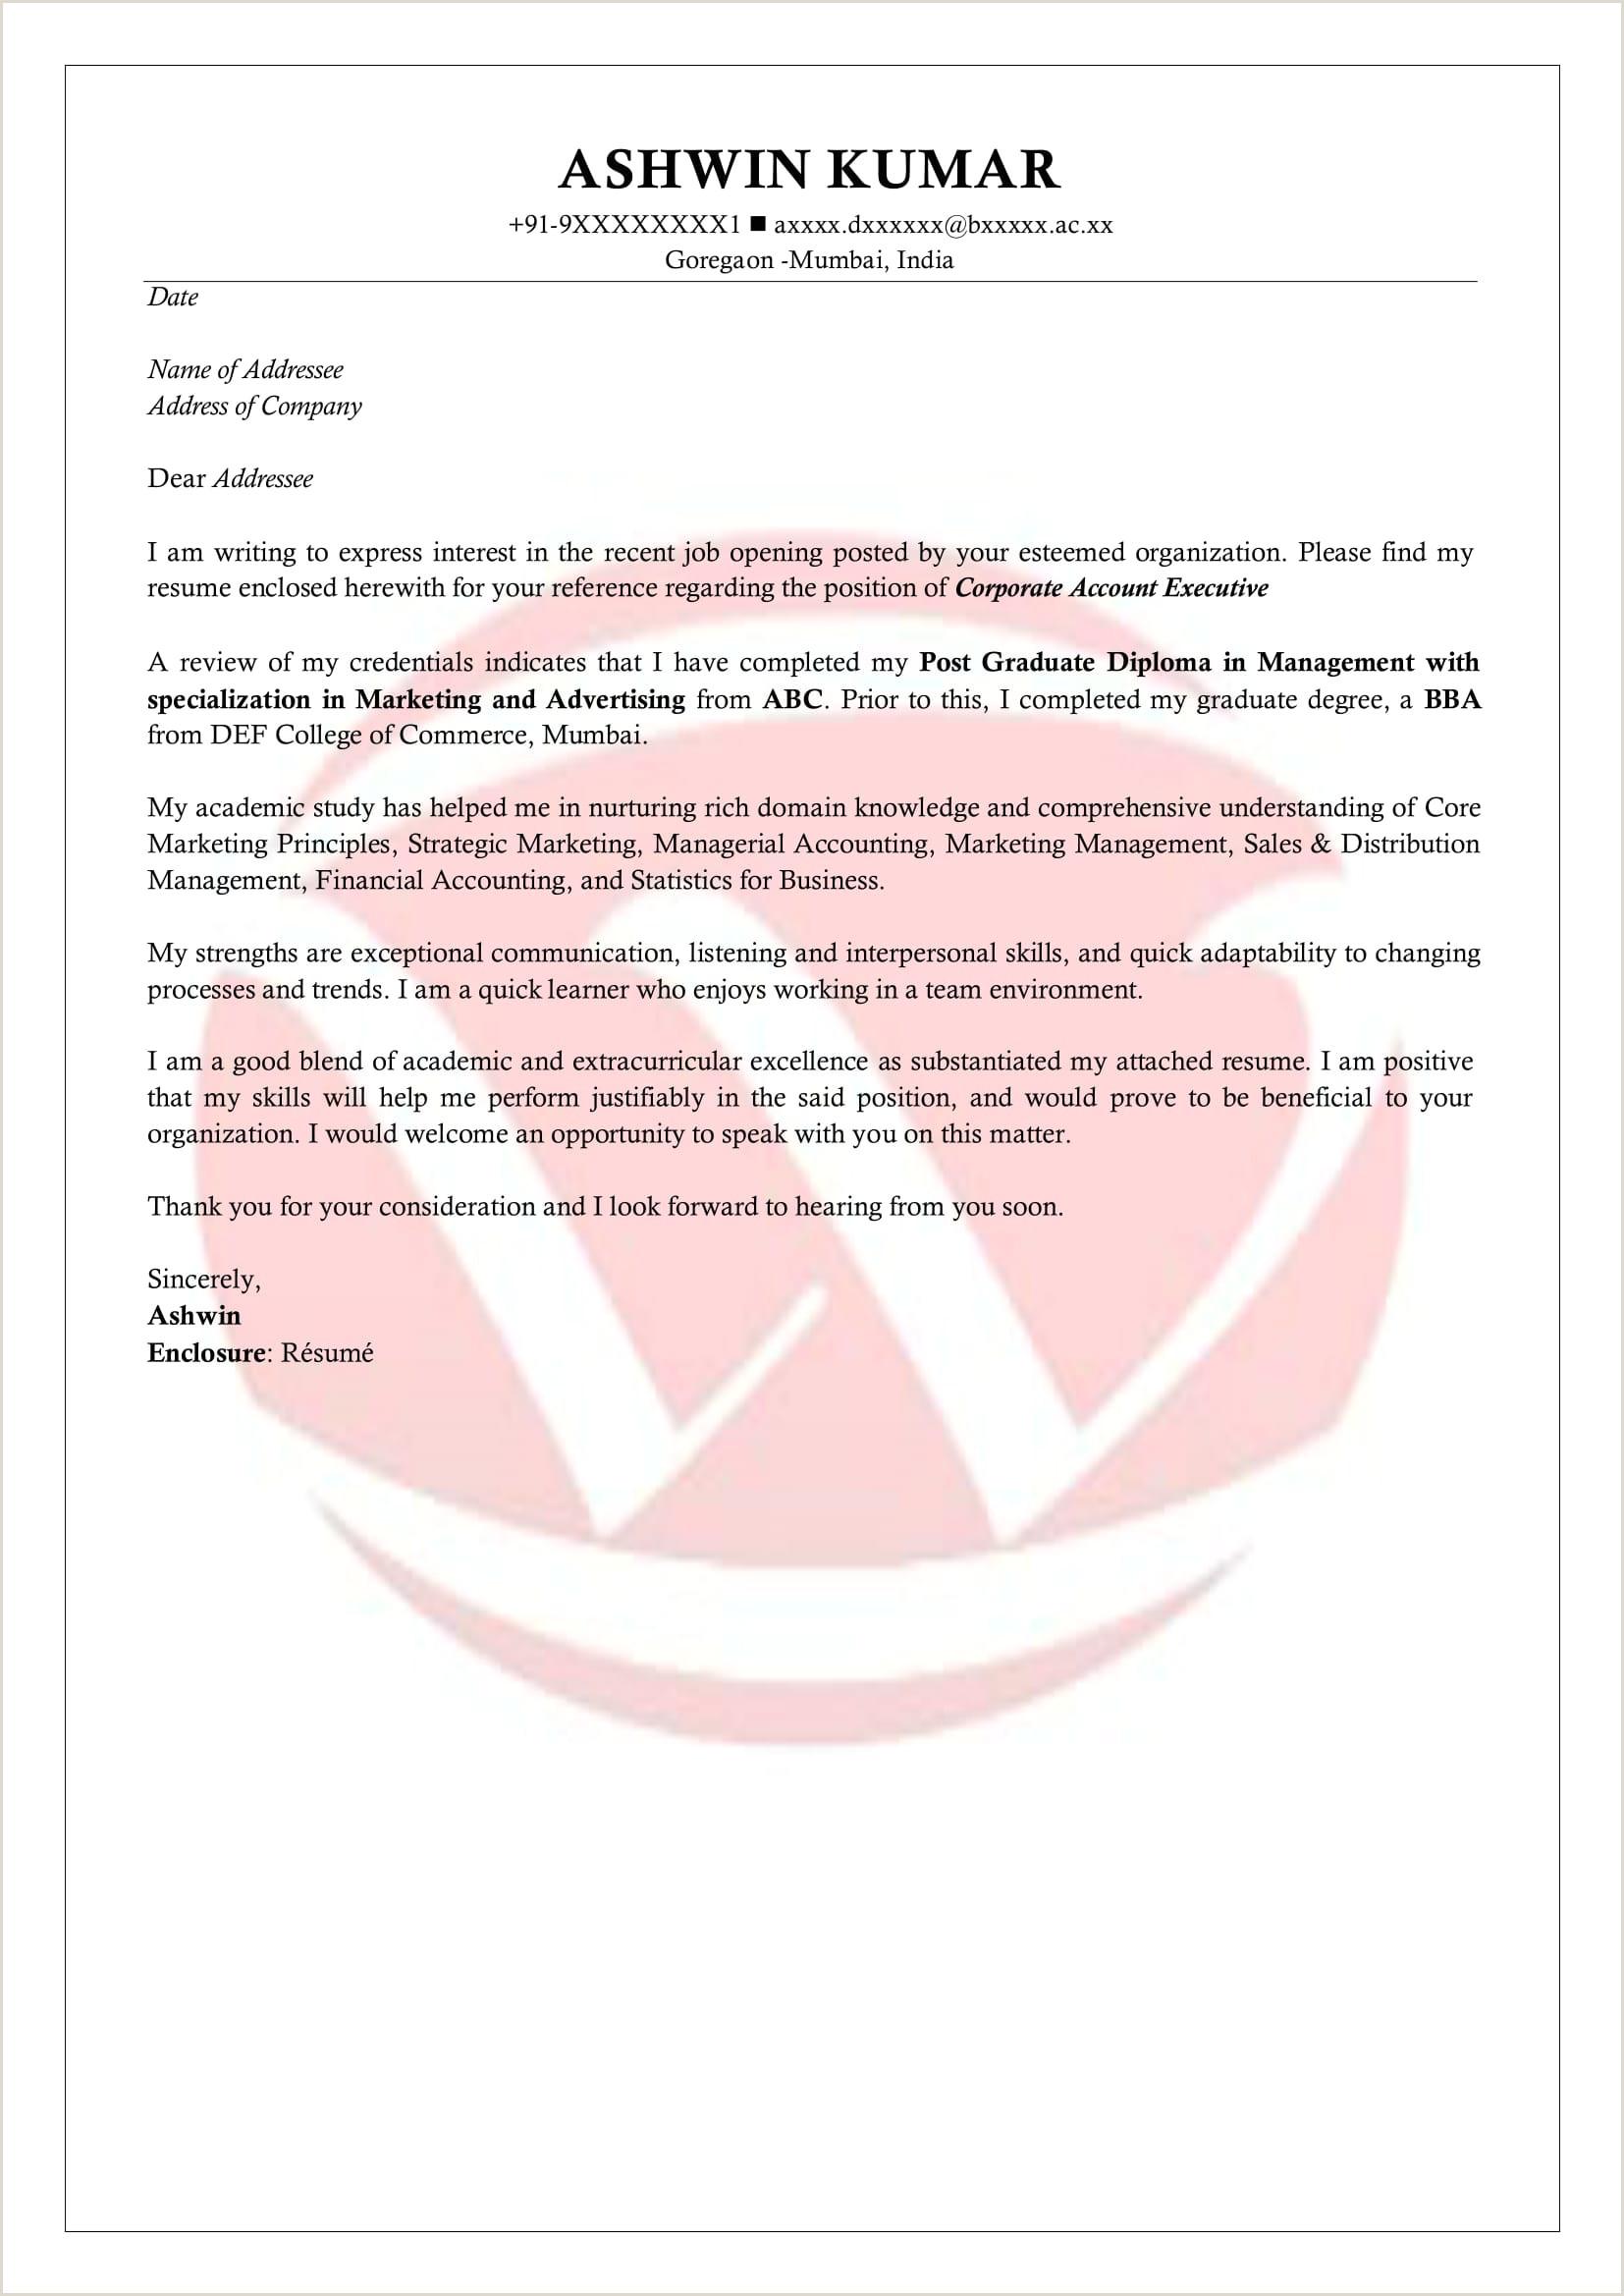 Fresher Cv Sample Doc Freshers Sample Cover Letter Format Download Cover Letter